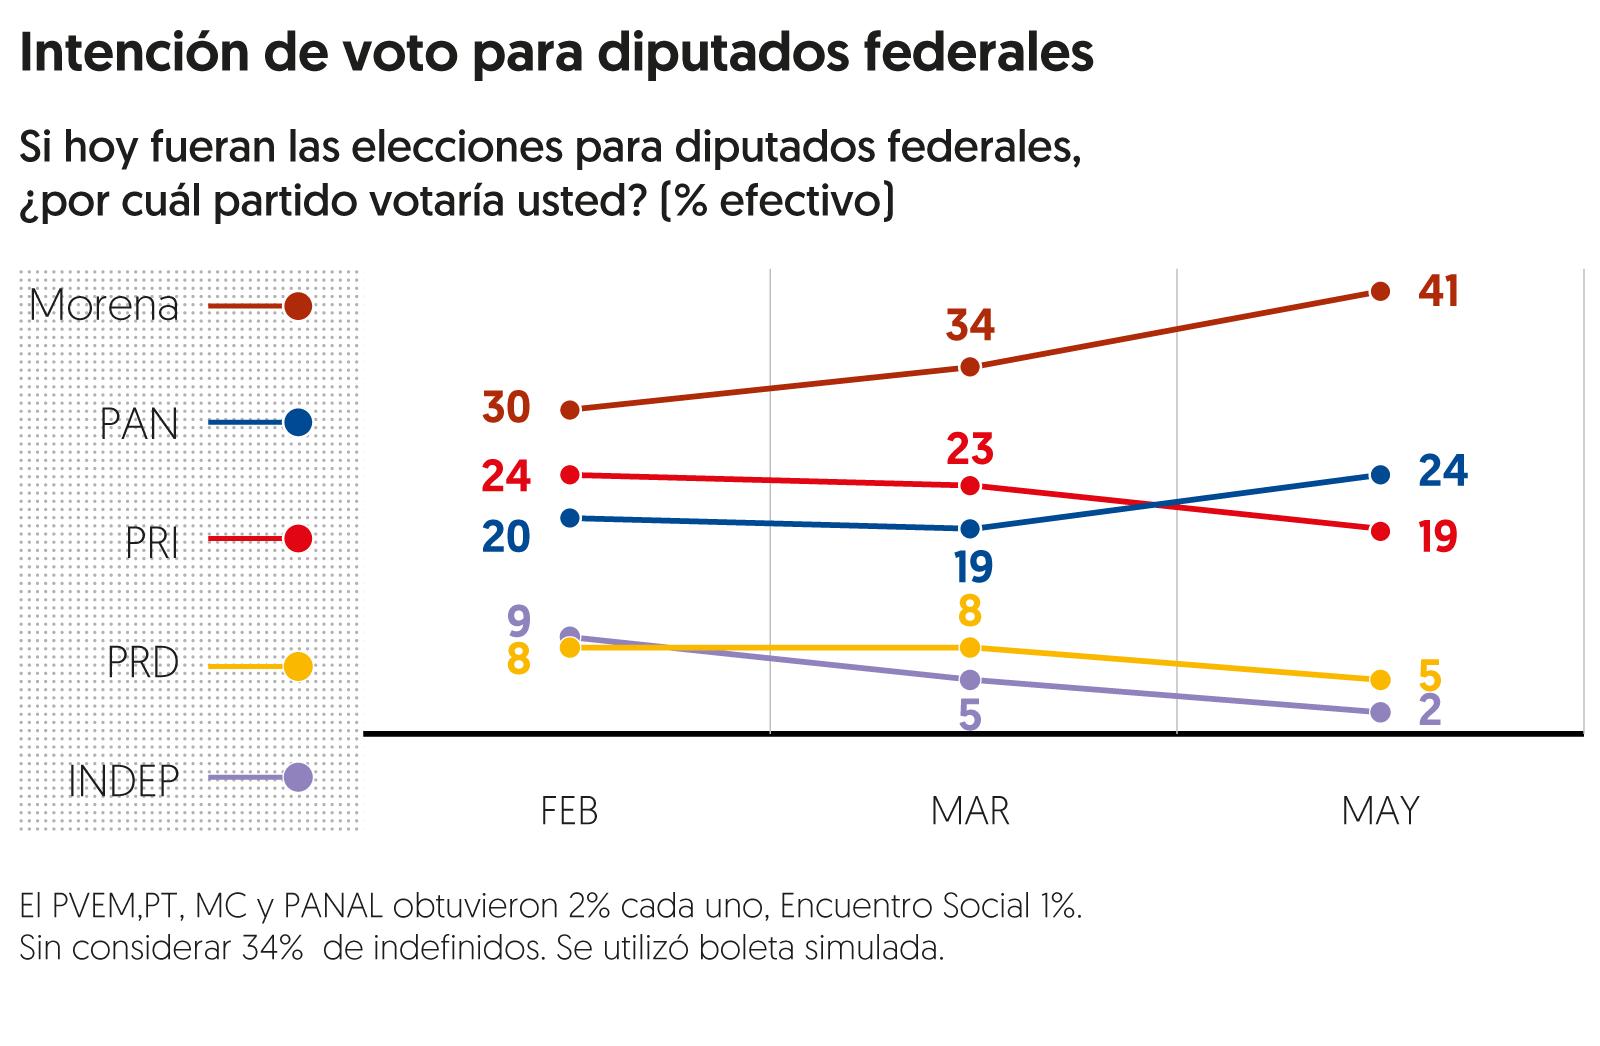 Encuesta de preferencias electorales de <em>El Financiero</em>. Publicación: 14 de mayo de 2018.